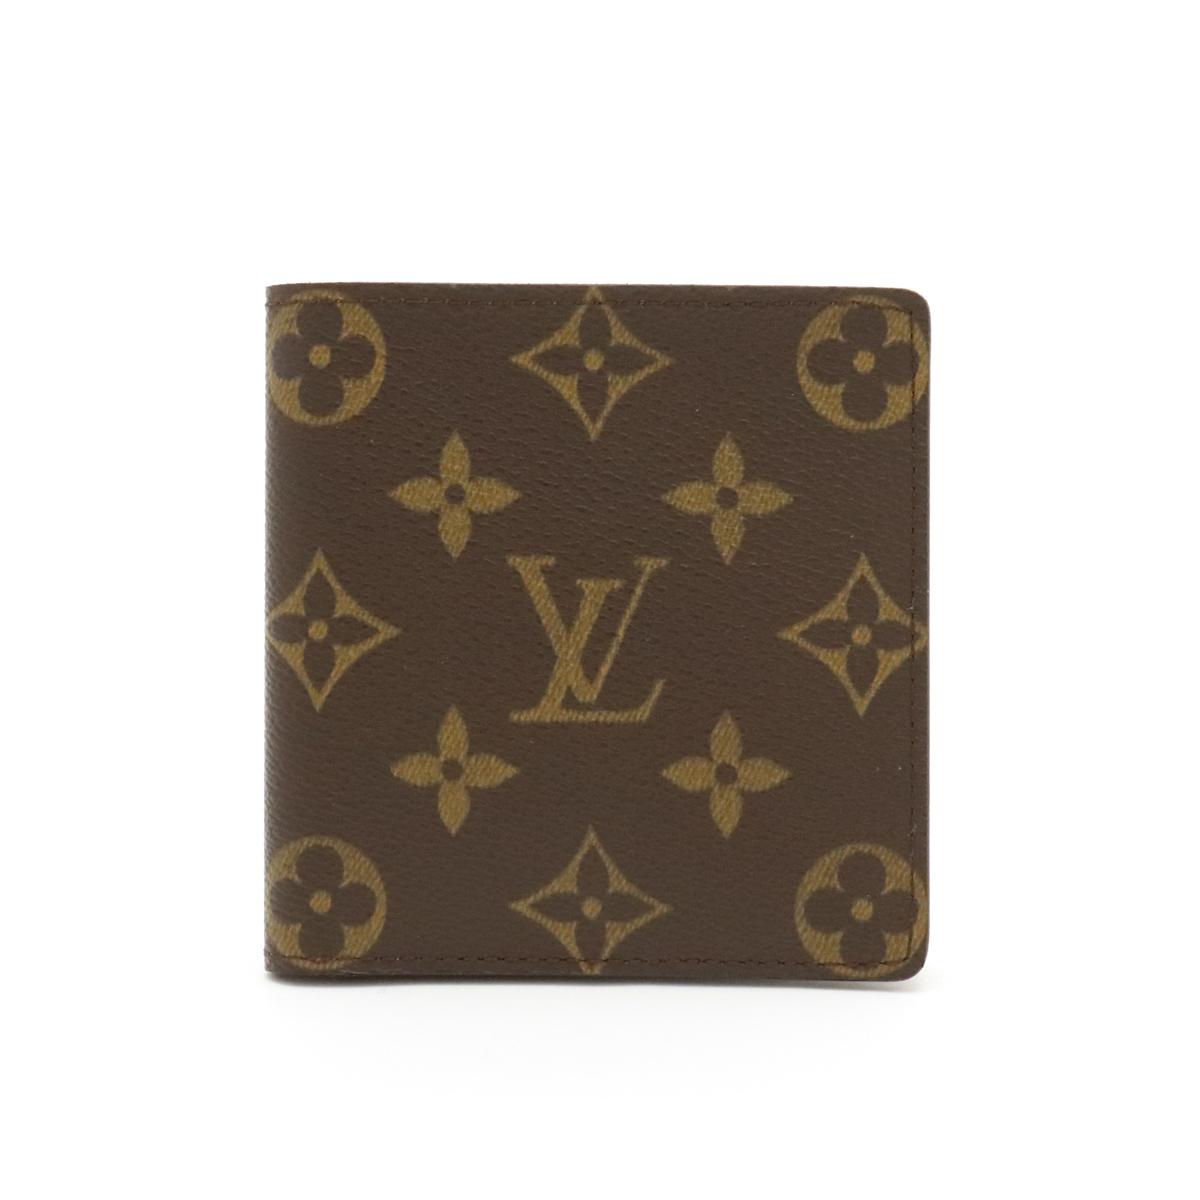 【財布】LOUIS VUITTON ルイ ヴィトン モノグラム ポルト ビエ 6カルトクレディ 2つ折札入れ M60929 【中古】